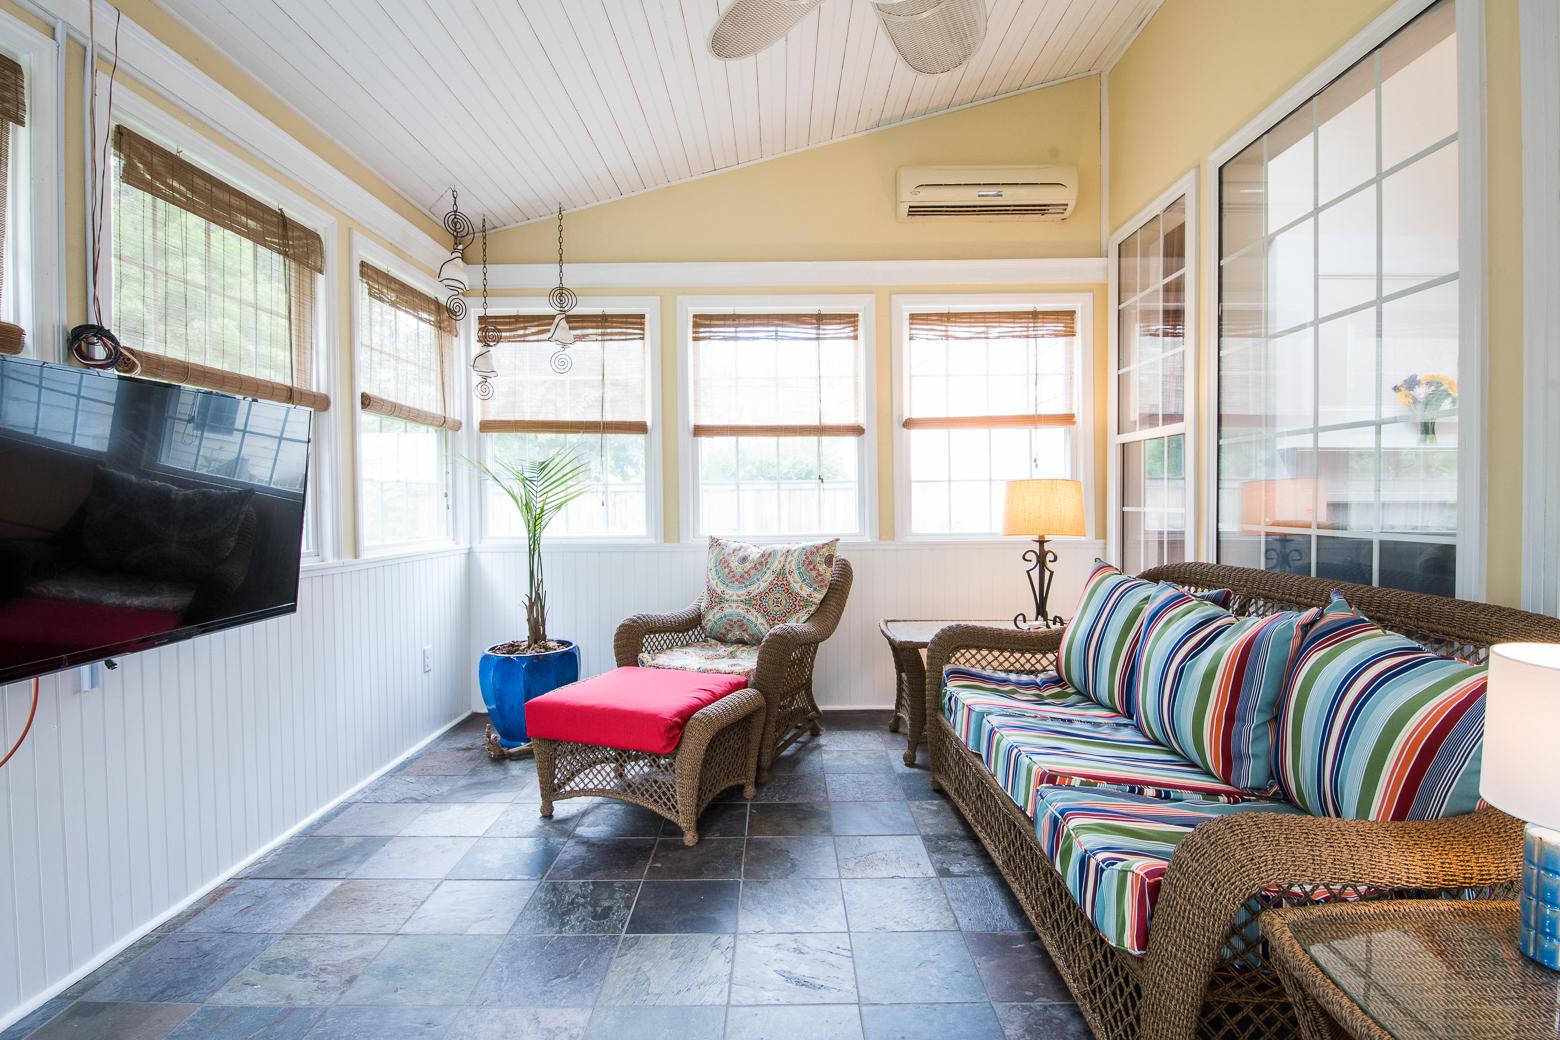 Dunes West Homes For Sale - 1111 Black Rush, Mount Pleasant, SC - 3